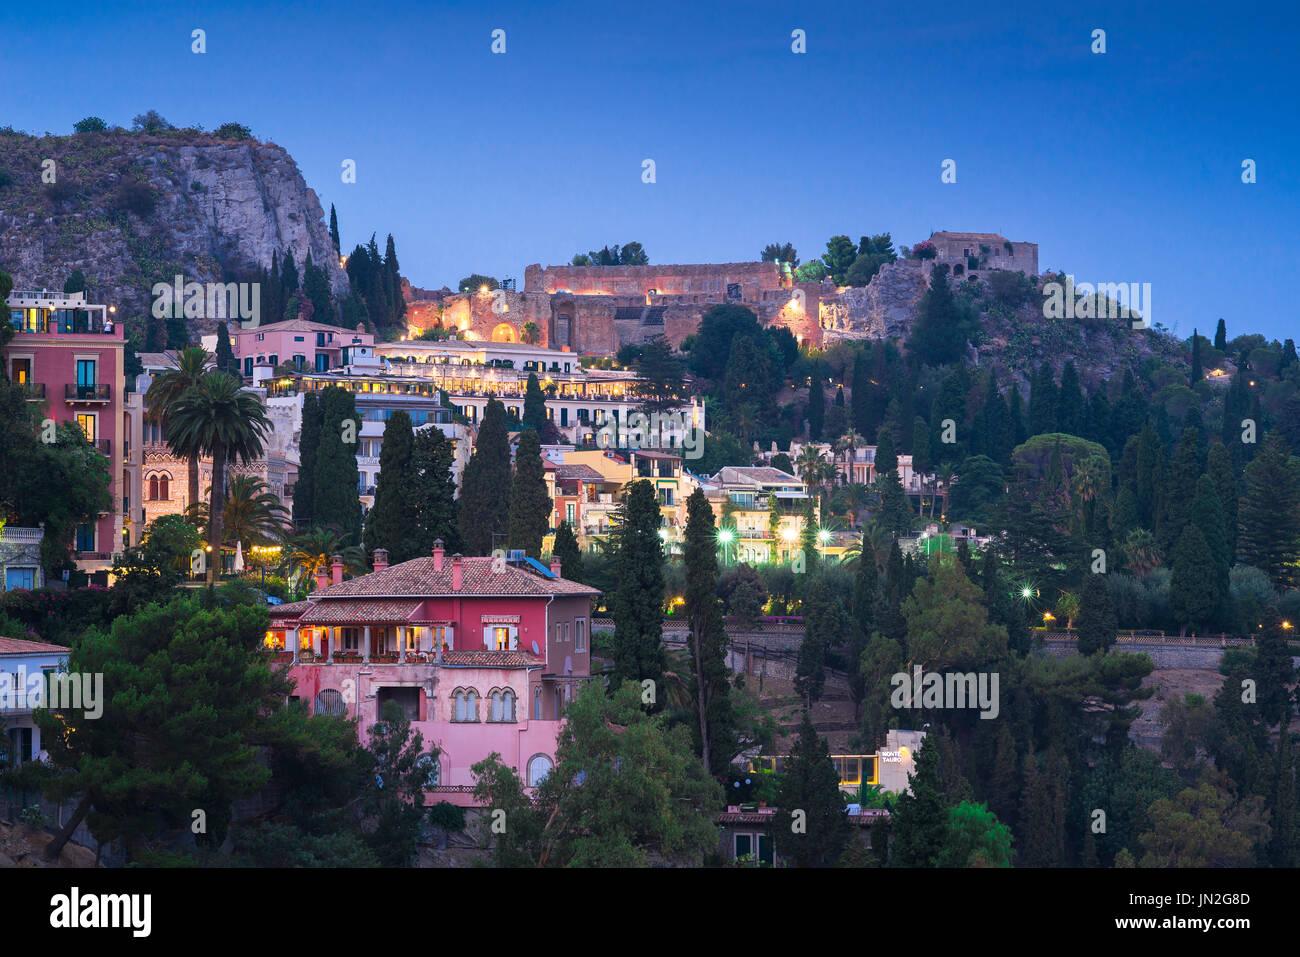 Taormina Sizilien, die Hügel von Taormina in der Nacht mit dem antiken griechischen Theater beleuchtet auf die Skyline, Sizilien Stadtbild. Stockbild